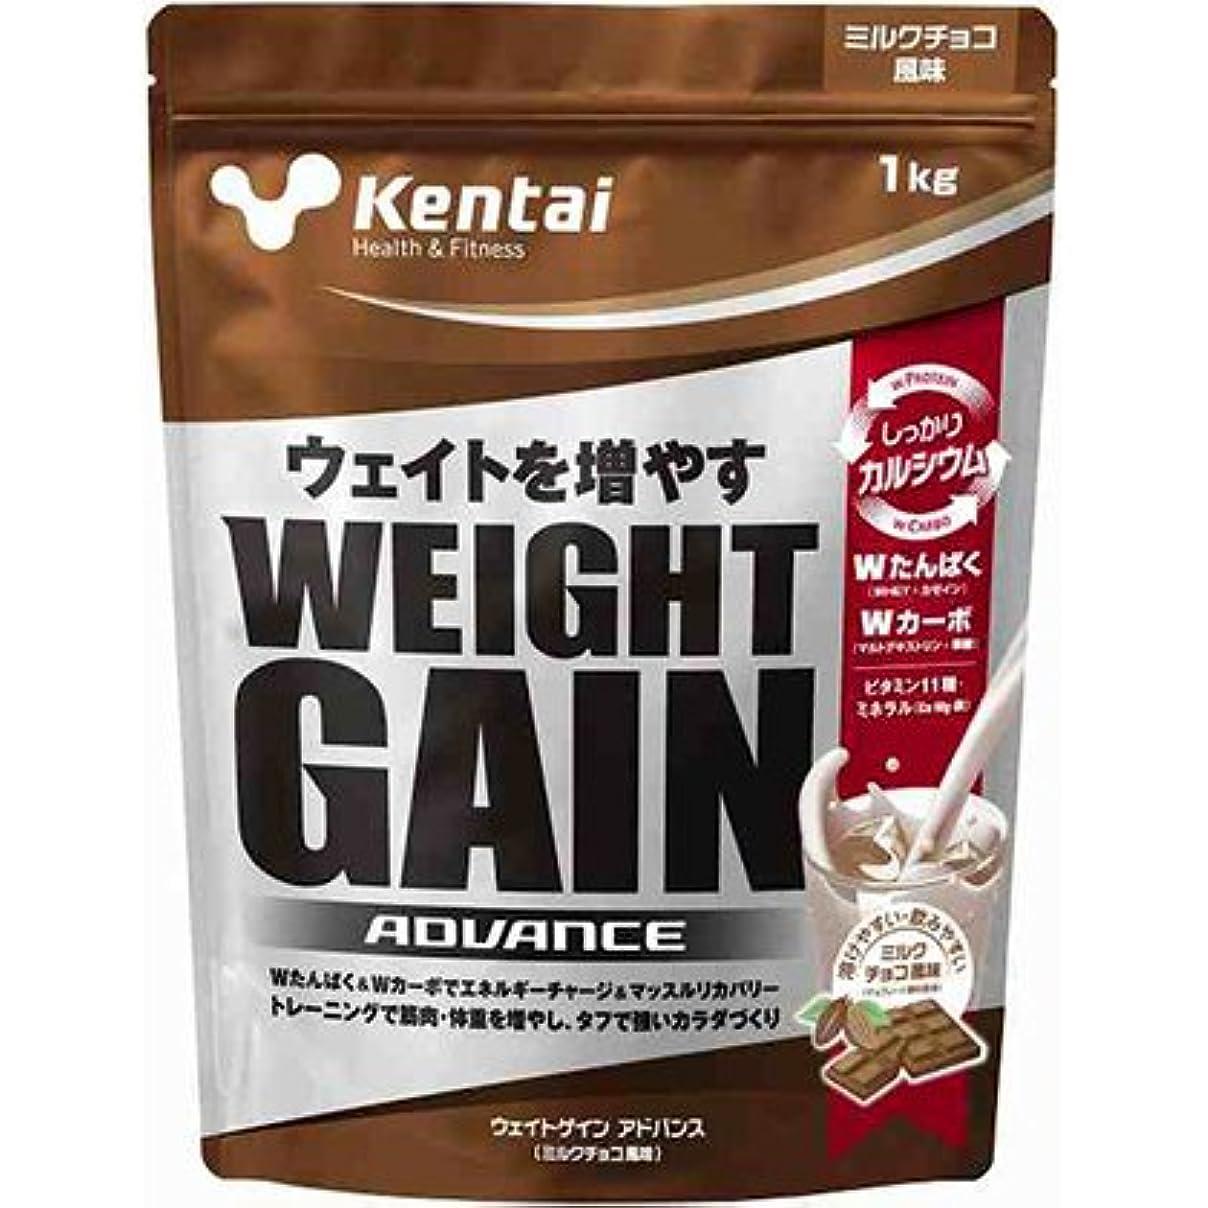 趣味延ばす引き算【健康体力研究所 (Kentai)】 ウエイトゲインアドバンス(ミルクチョコ風味) 1kg